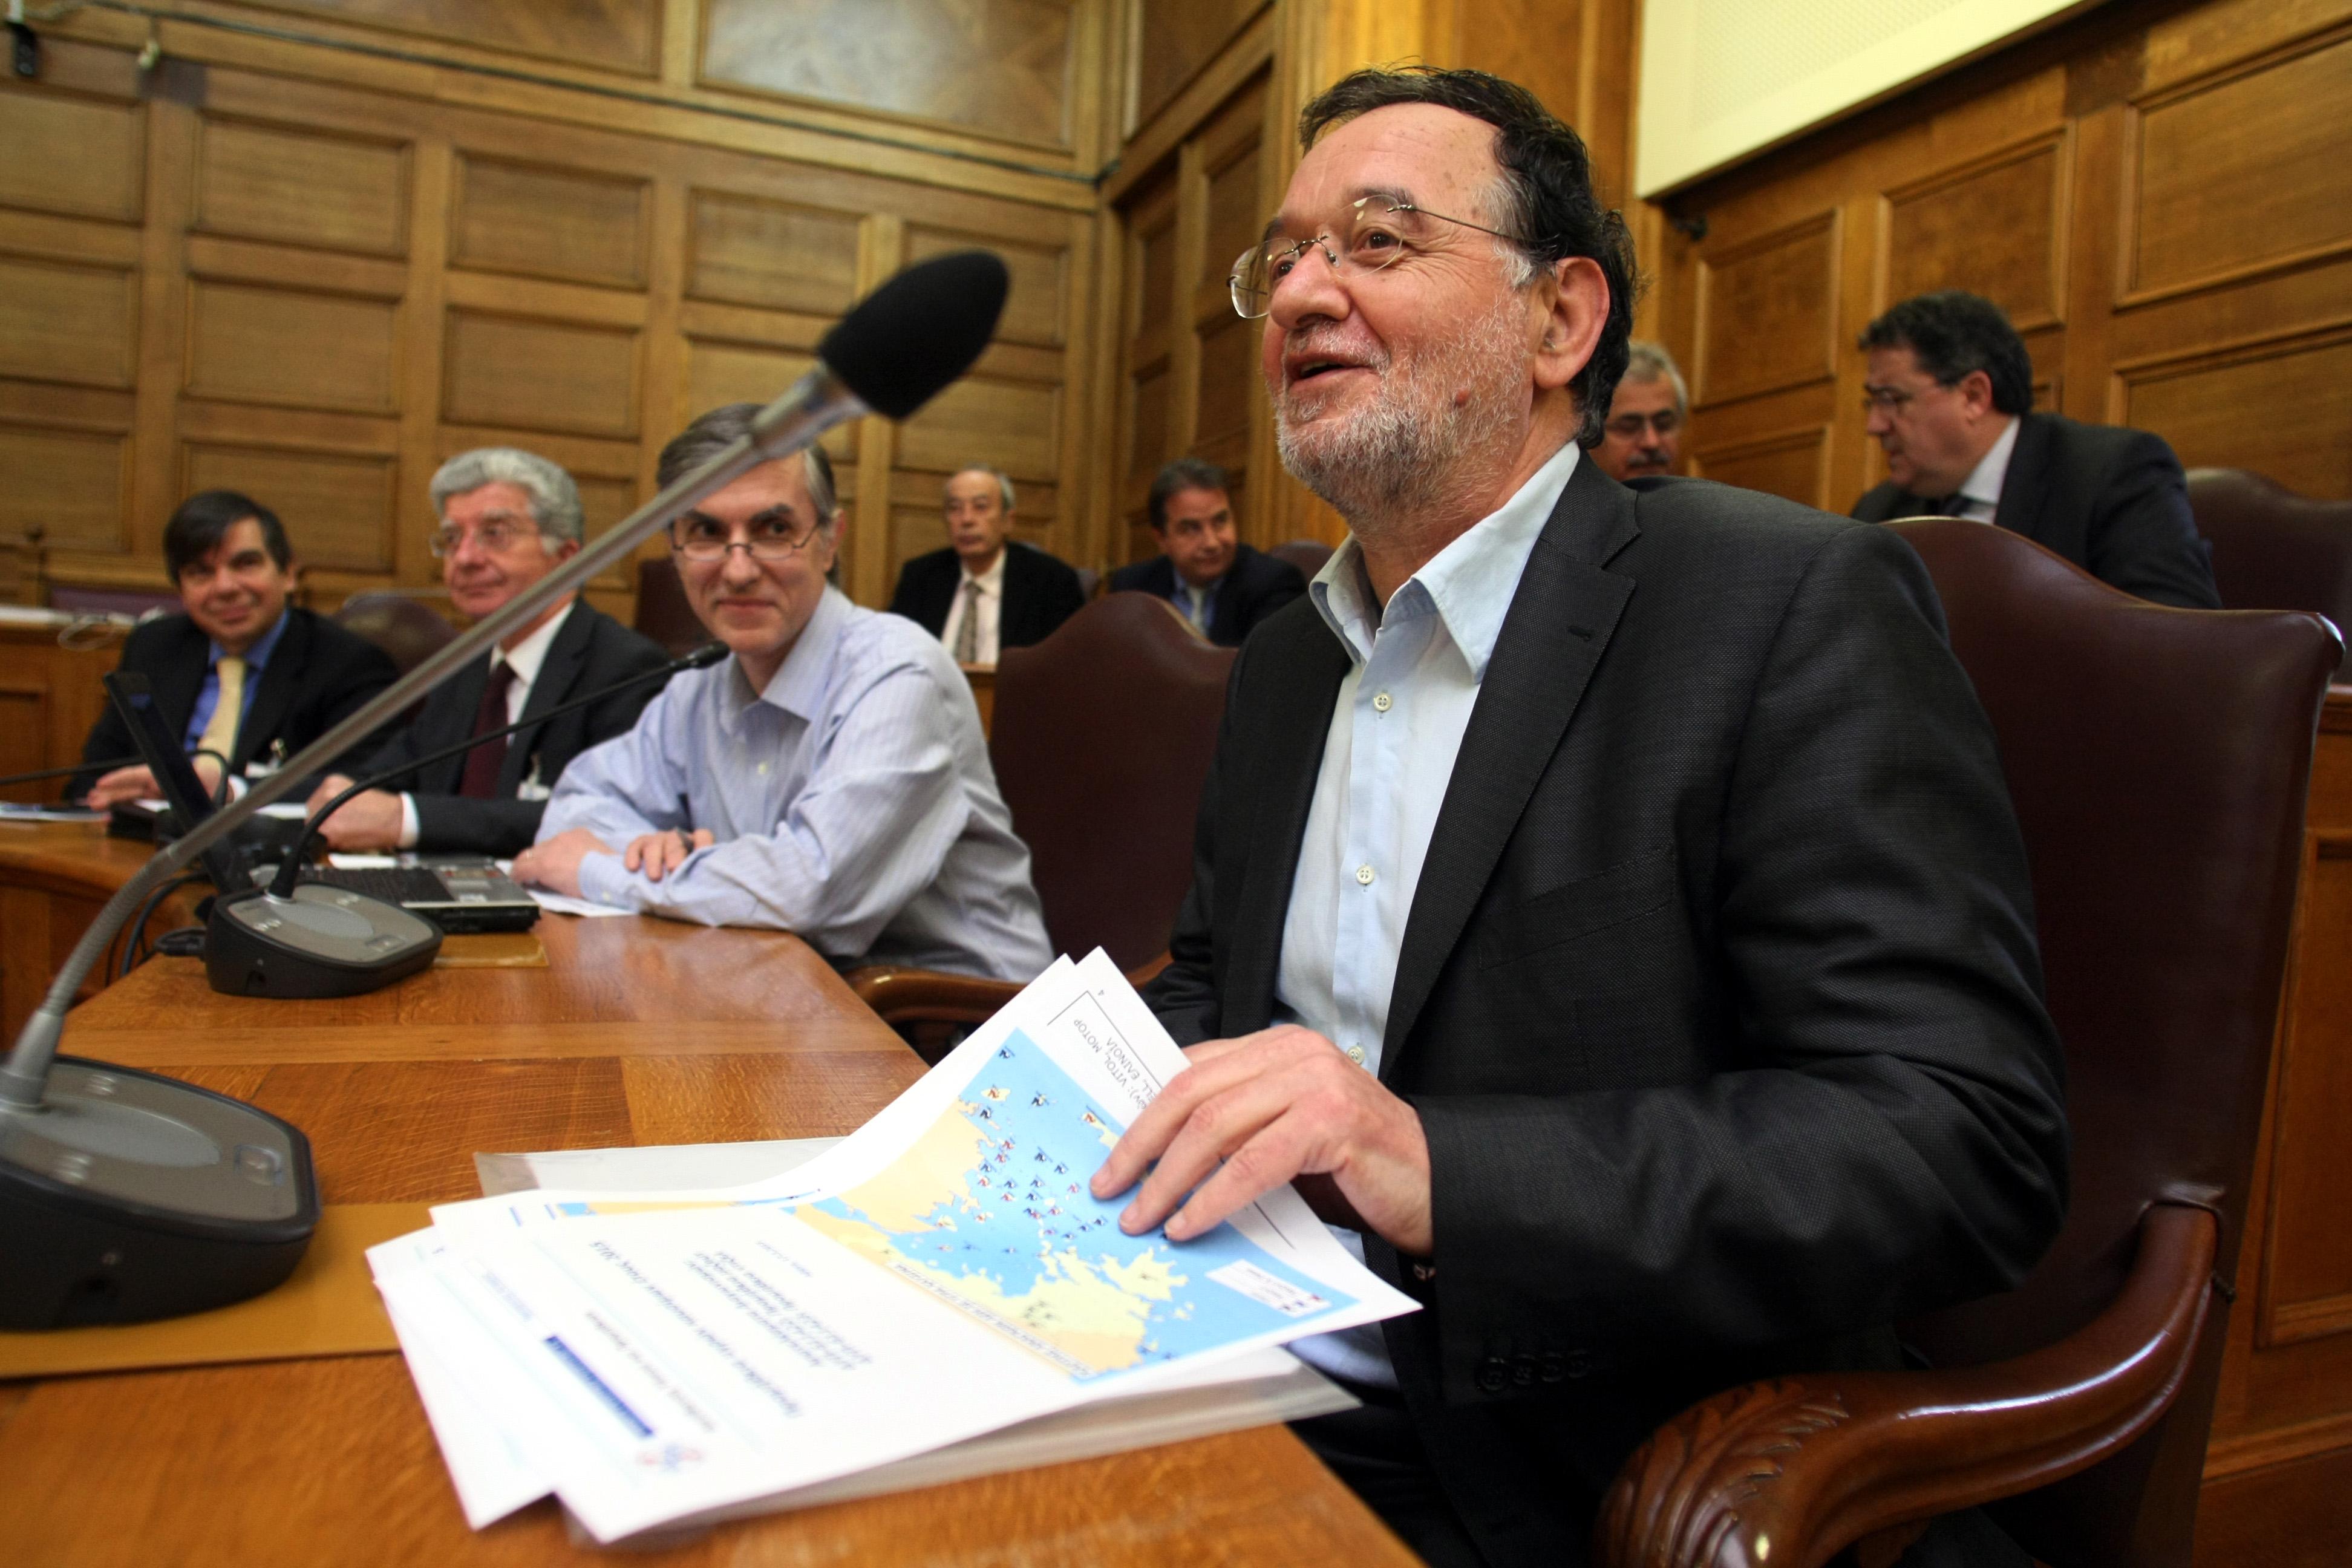 Π. Λαφαζάνης: Ετοιμάζεται νομοθετική ρύθμιση για τη ΡΑΕ | tovima.gr